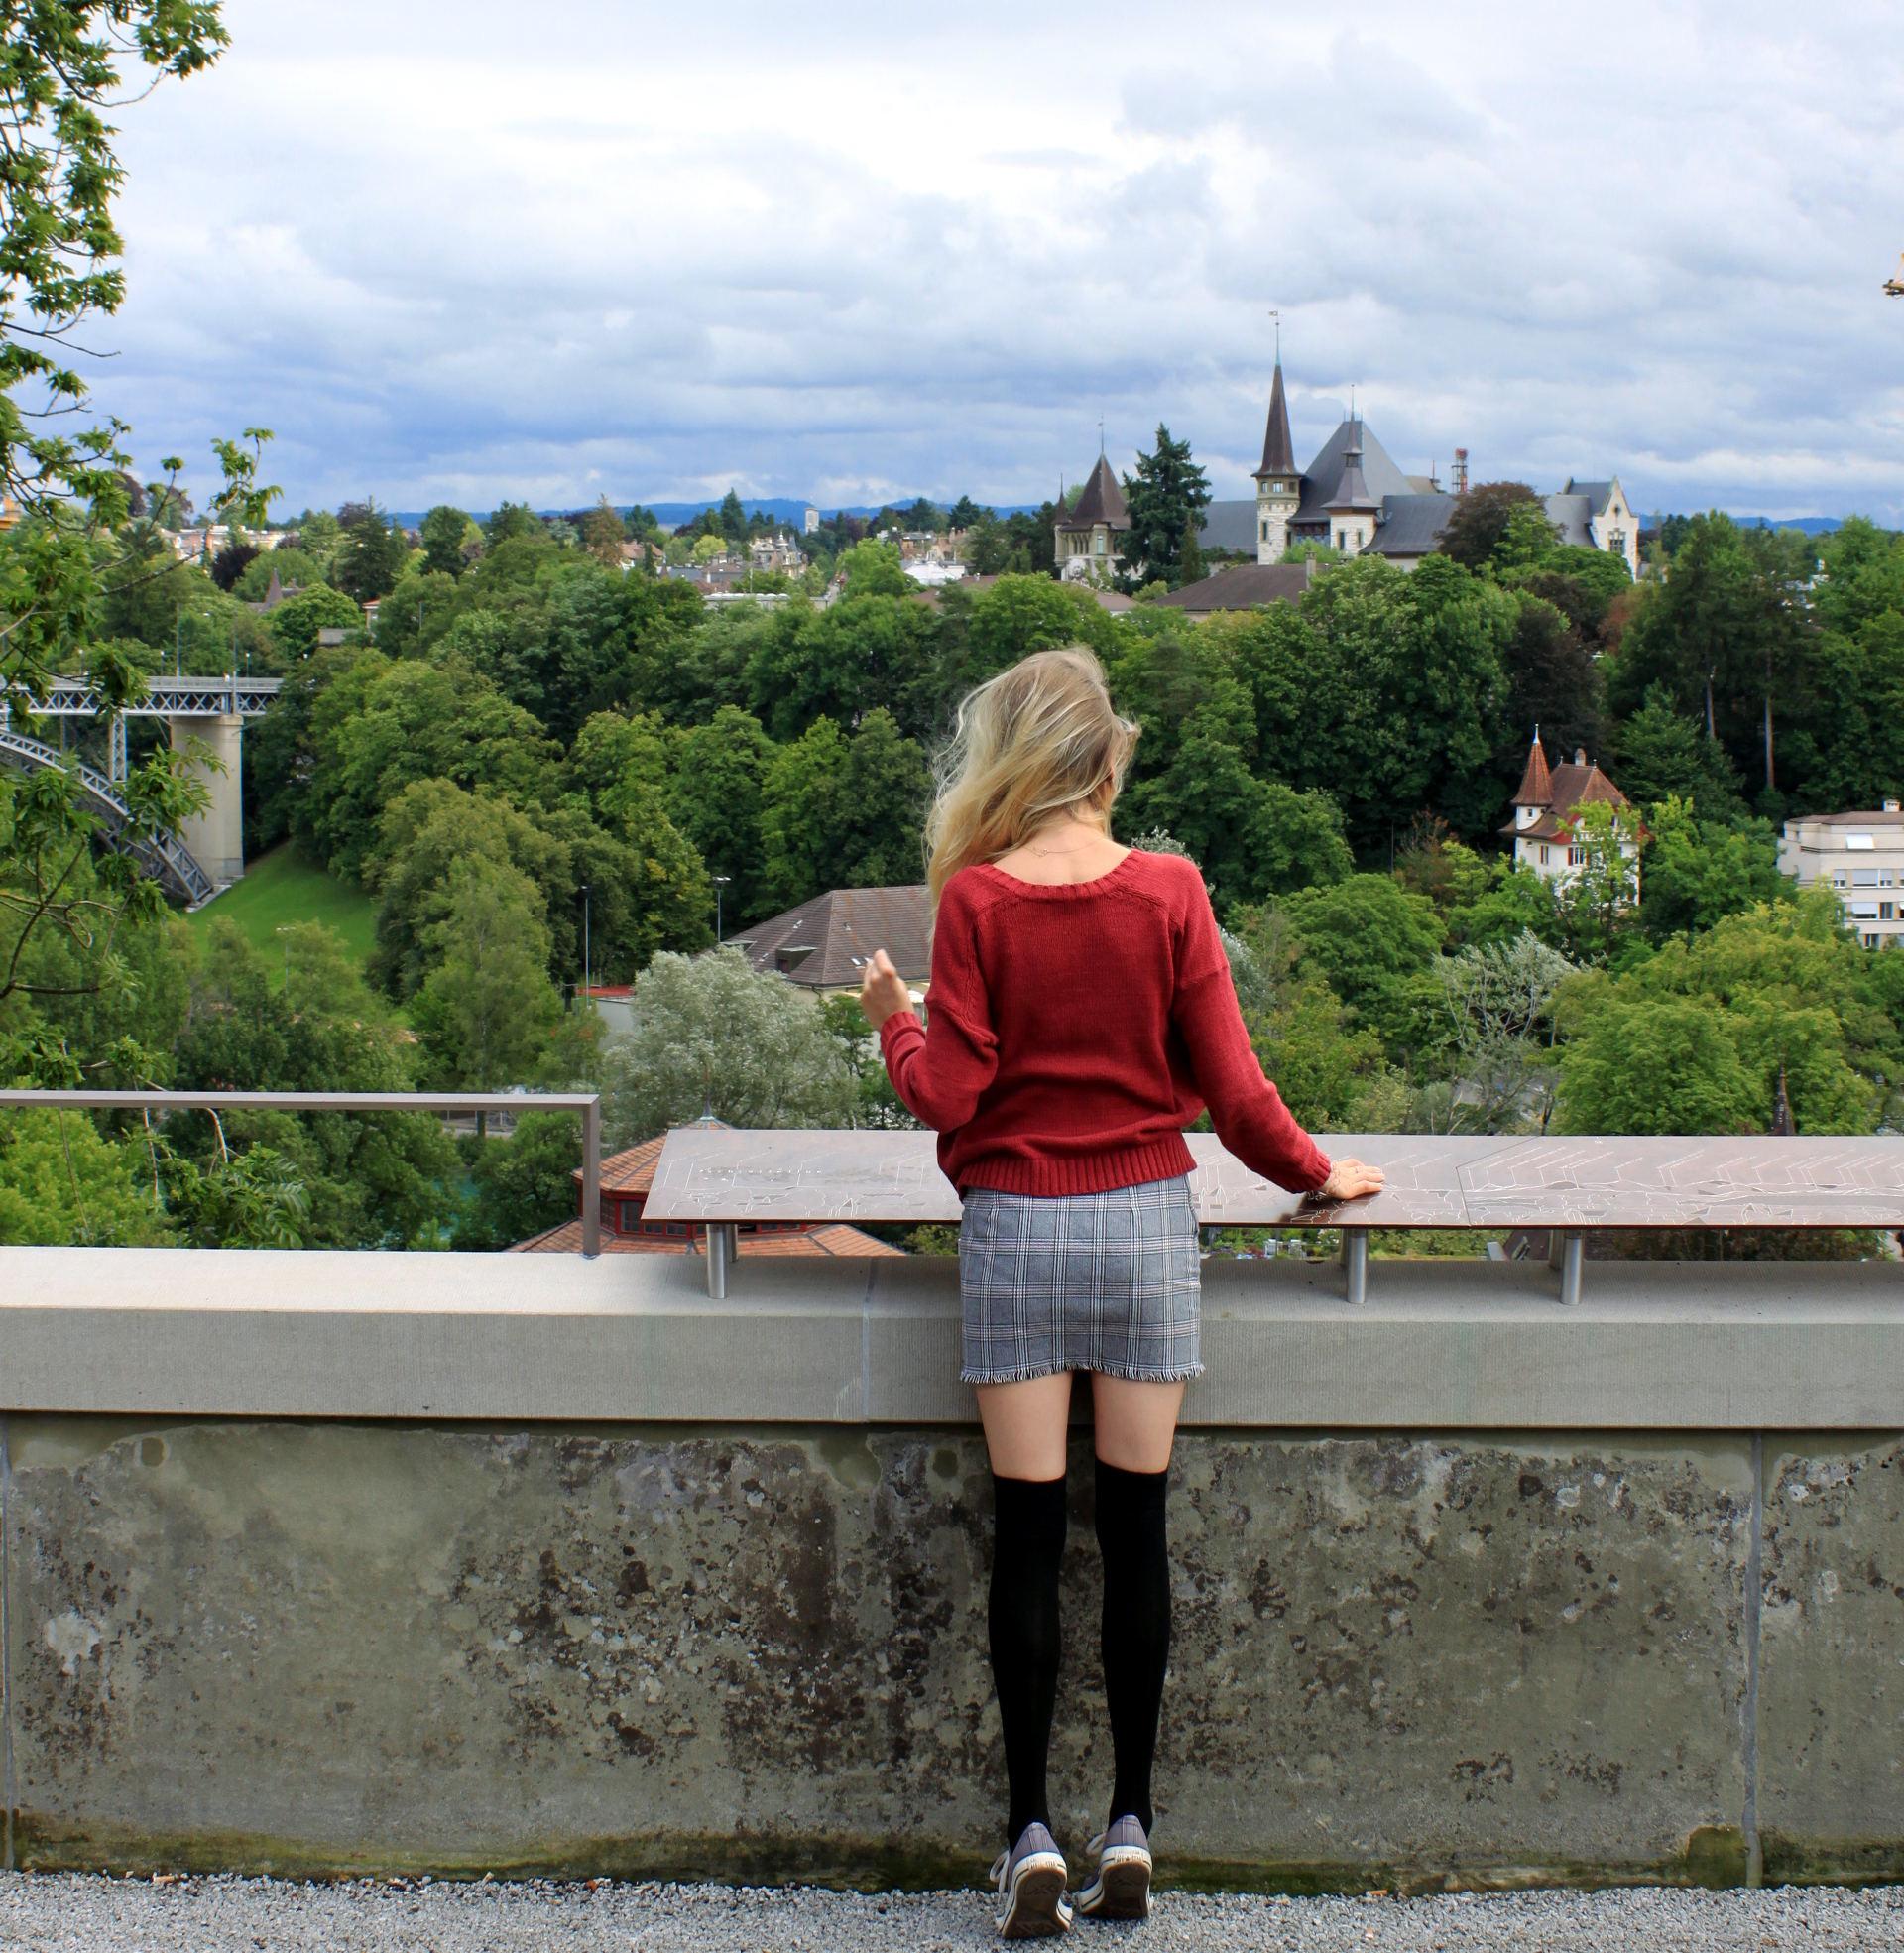 szwajcaria berno bern widok staremiasto stolica iglawpodrozy